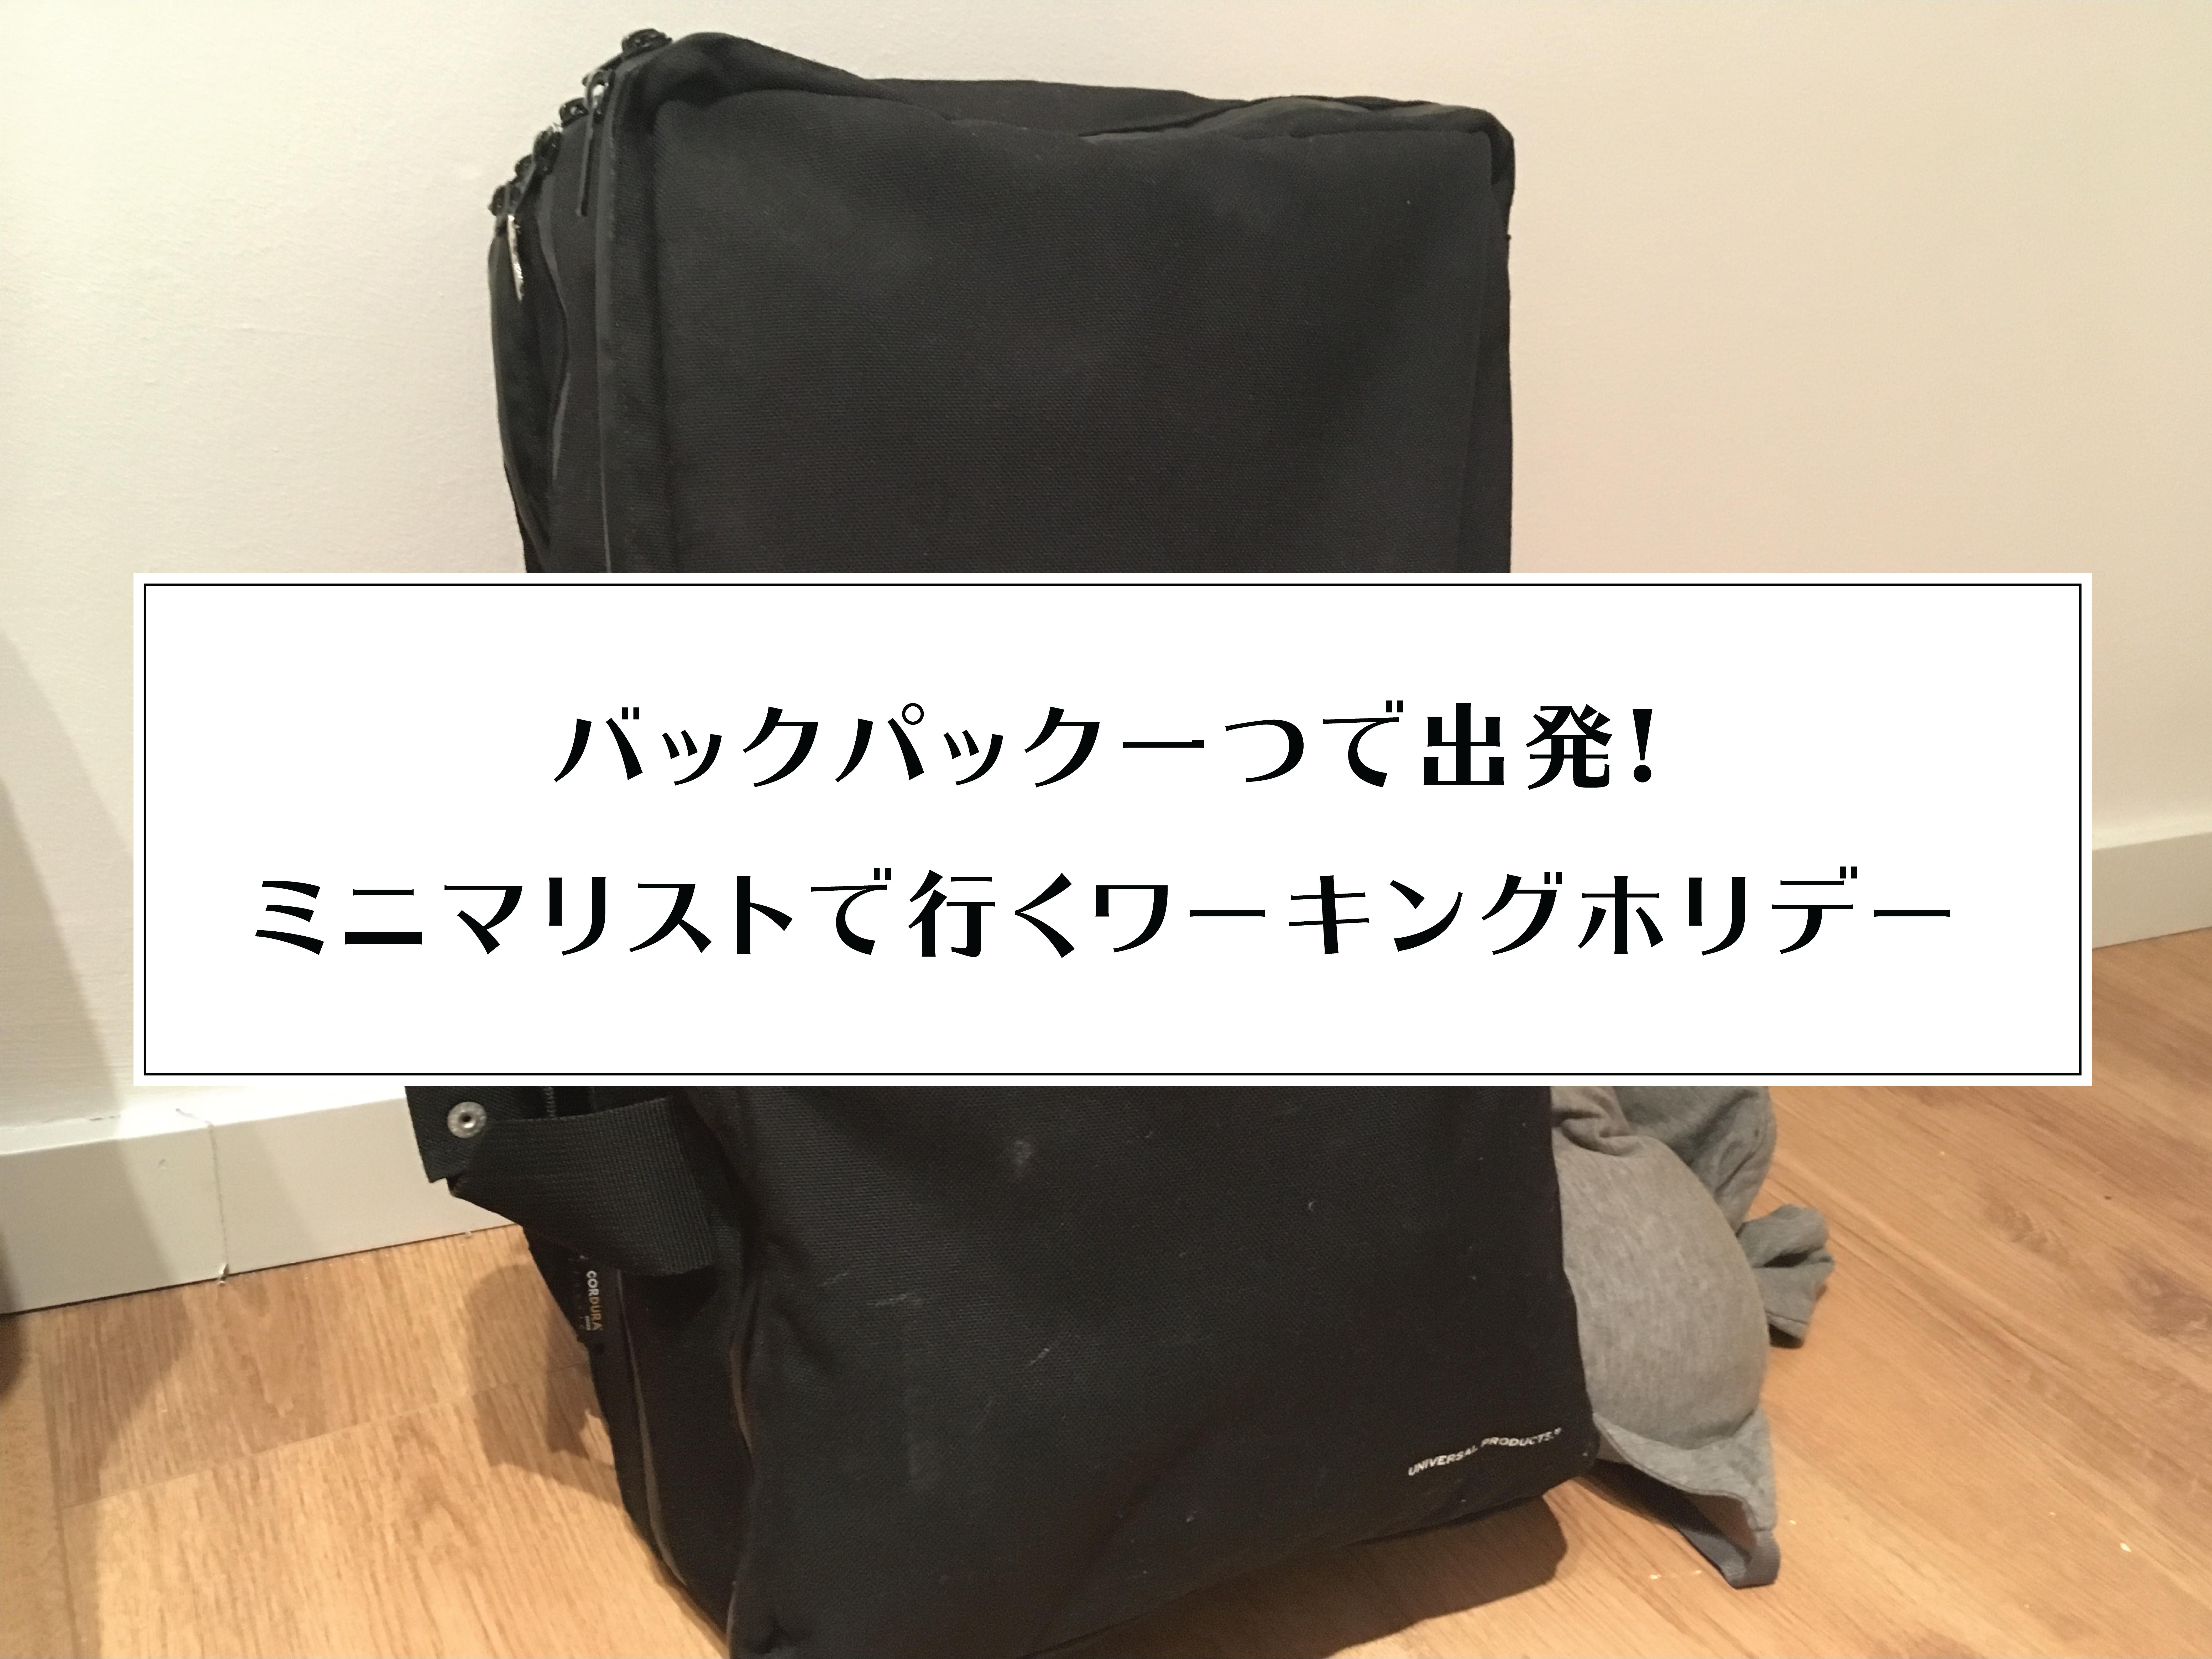 【ワーホリ】荷物はバックパック一つで出発!ミニマリストで行くワーキングホリデー【スペイン】